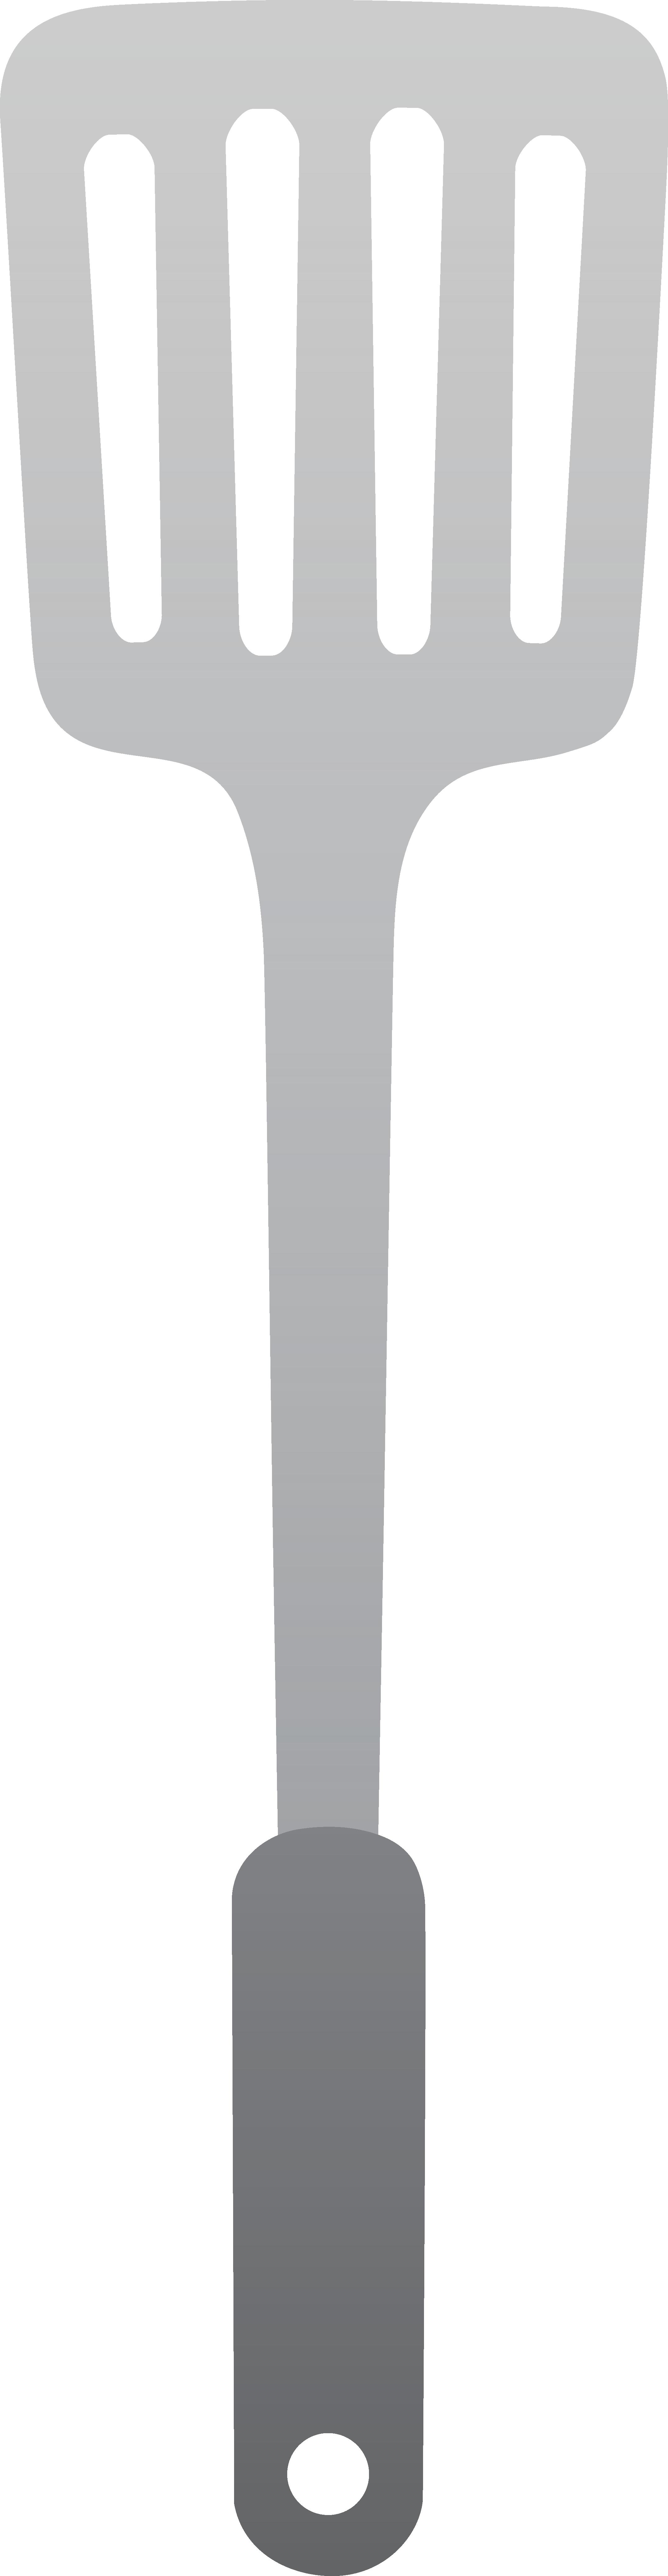 Spatula Clipart.